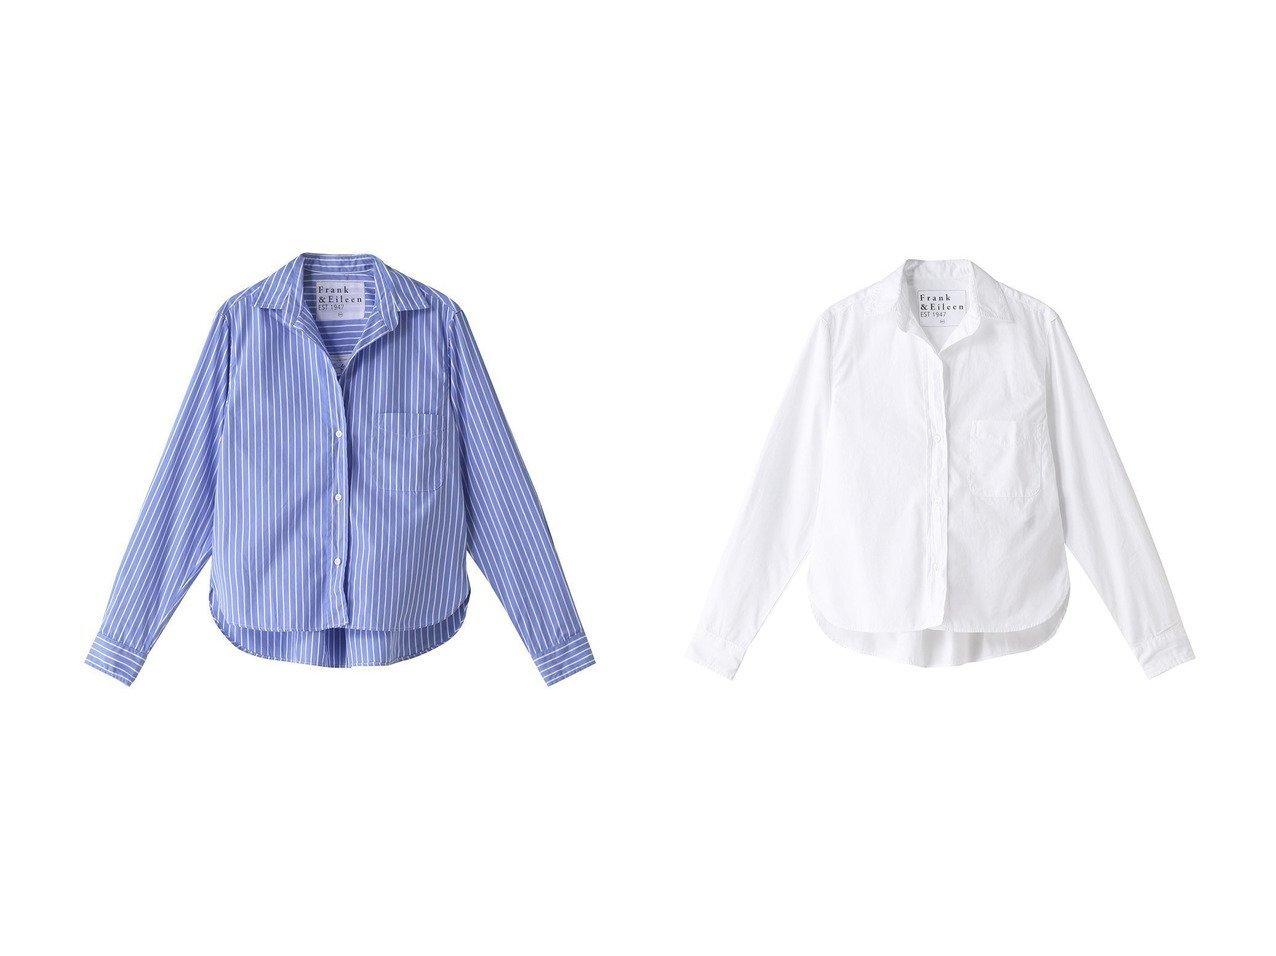 【Frank&Eileen/フランク&アイリーン】のSILVIO LIMITED EDITION イタリアンコットンブルーストライプシャツ&SILVIO LIMITED EDITION イタリアンコットン ホワイトシャツ 【トップス・カットソー】おすすめ!人気、トレンド・レディースファッションの通販 おすすめで人気の流行・トレンド、ファッションの通販商品 メンズファッション・キッズファッション・インテリア・家具・レディースファッション・服の通販 founy(ファニー) https://founy.com/ ファッション Fashion レディースファッション WOMEN トップス・カットソー Tops/Tshirt シャツ/ブラウス Shirts/Blouses ストライプ スリーブ ロング 長袖 |ID:crp329100000037727